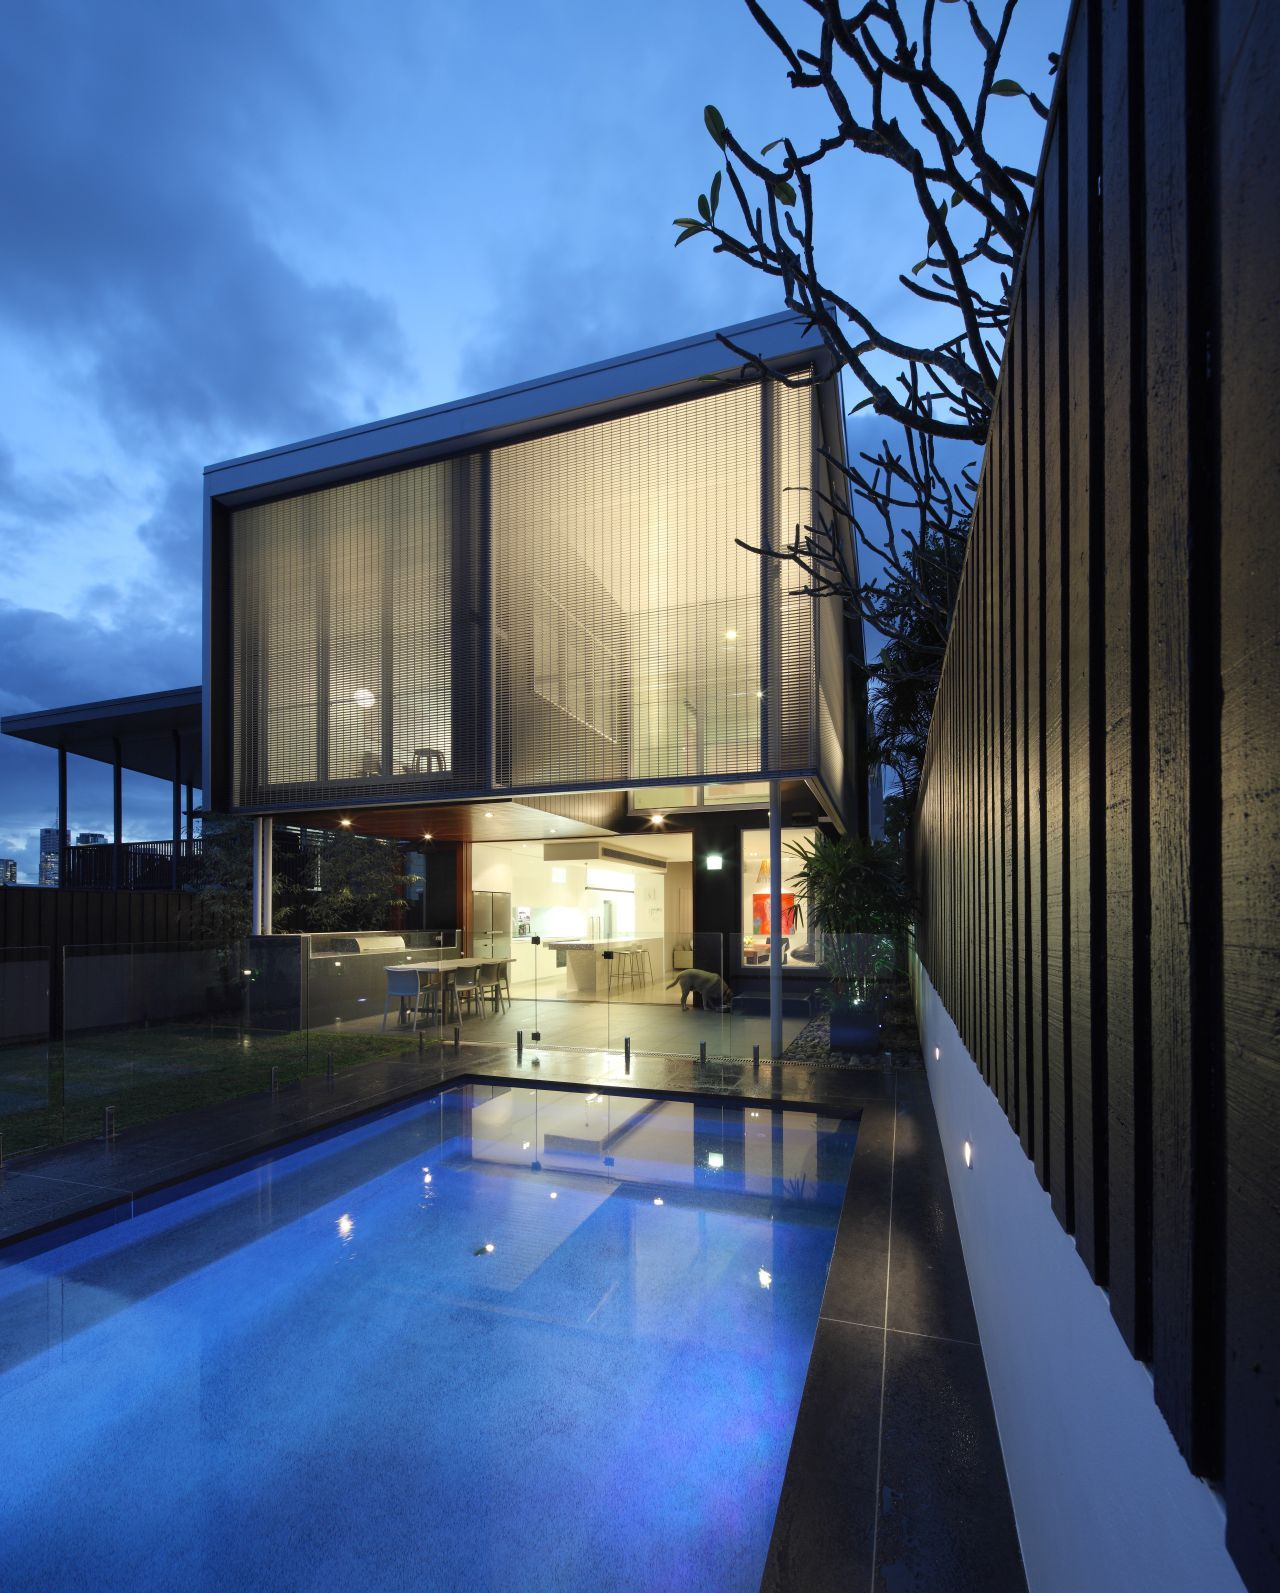 105 V House by Shaun Lockyer Architects (10)